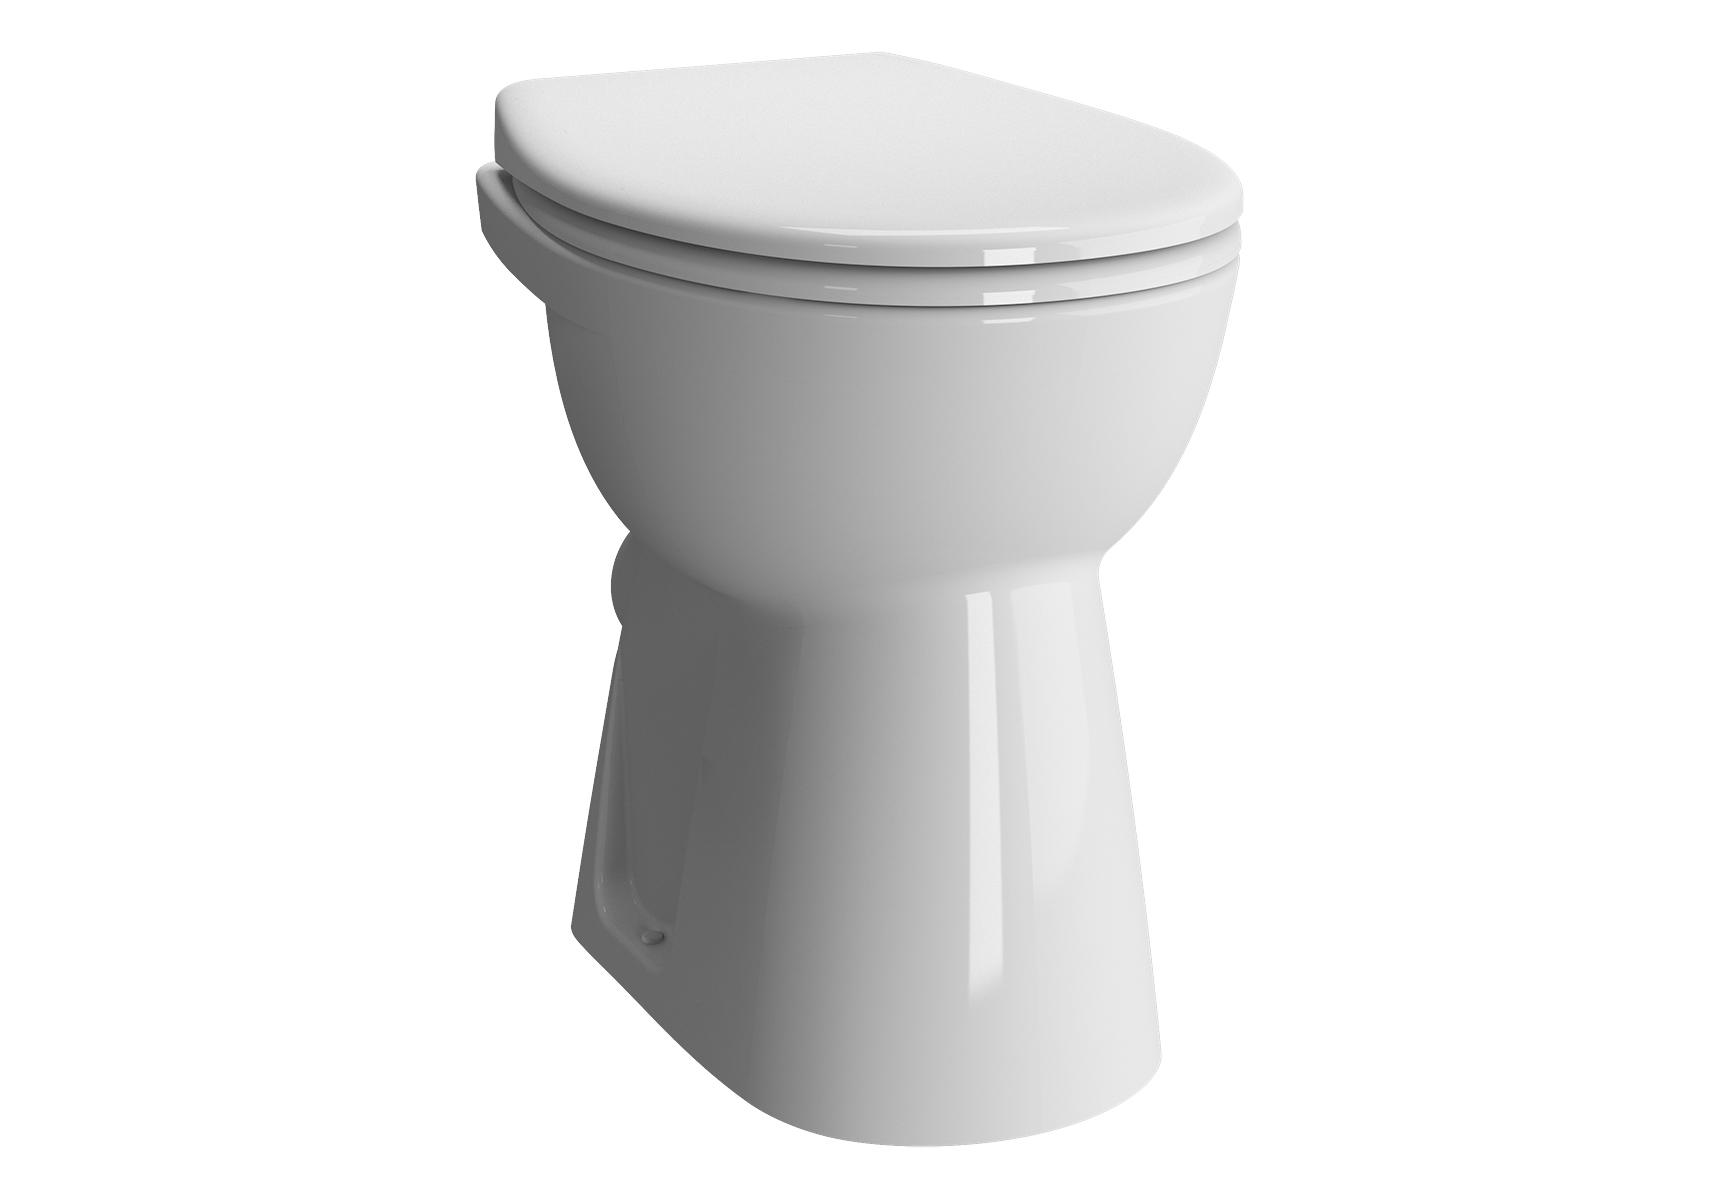 Conforma WC à poser avec bride PMR, à fond plat, S / H, sans trou d'abattant